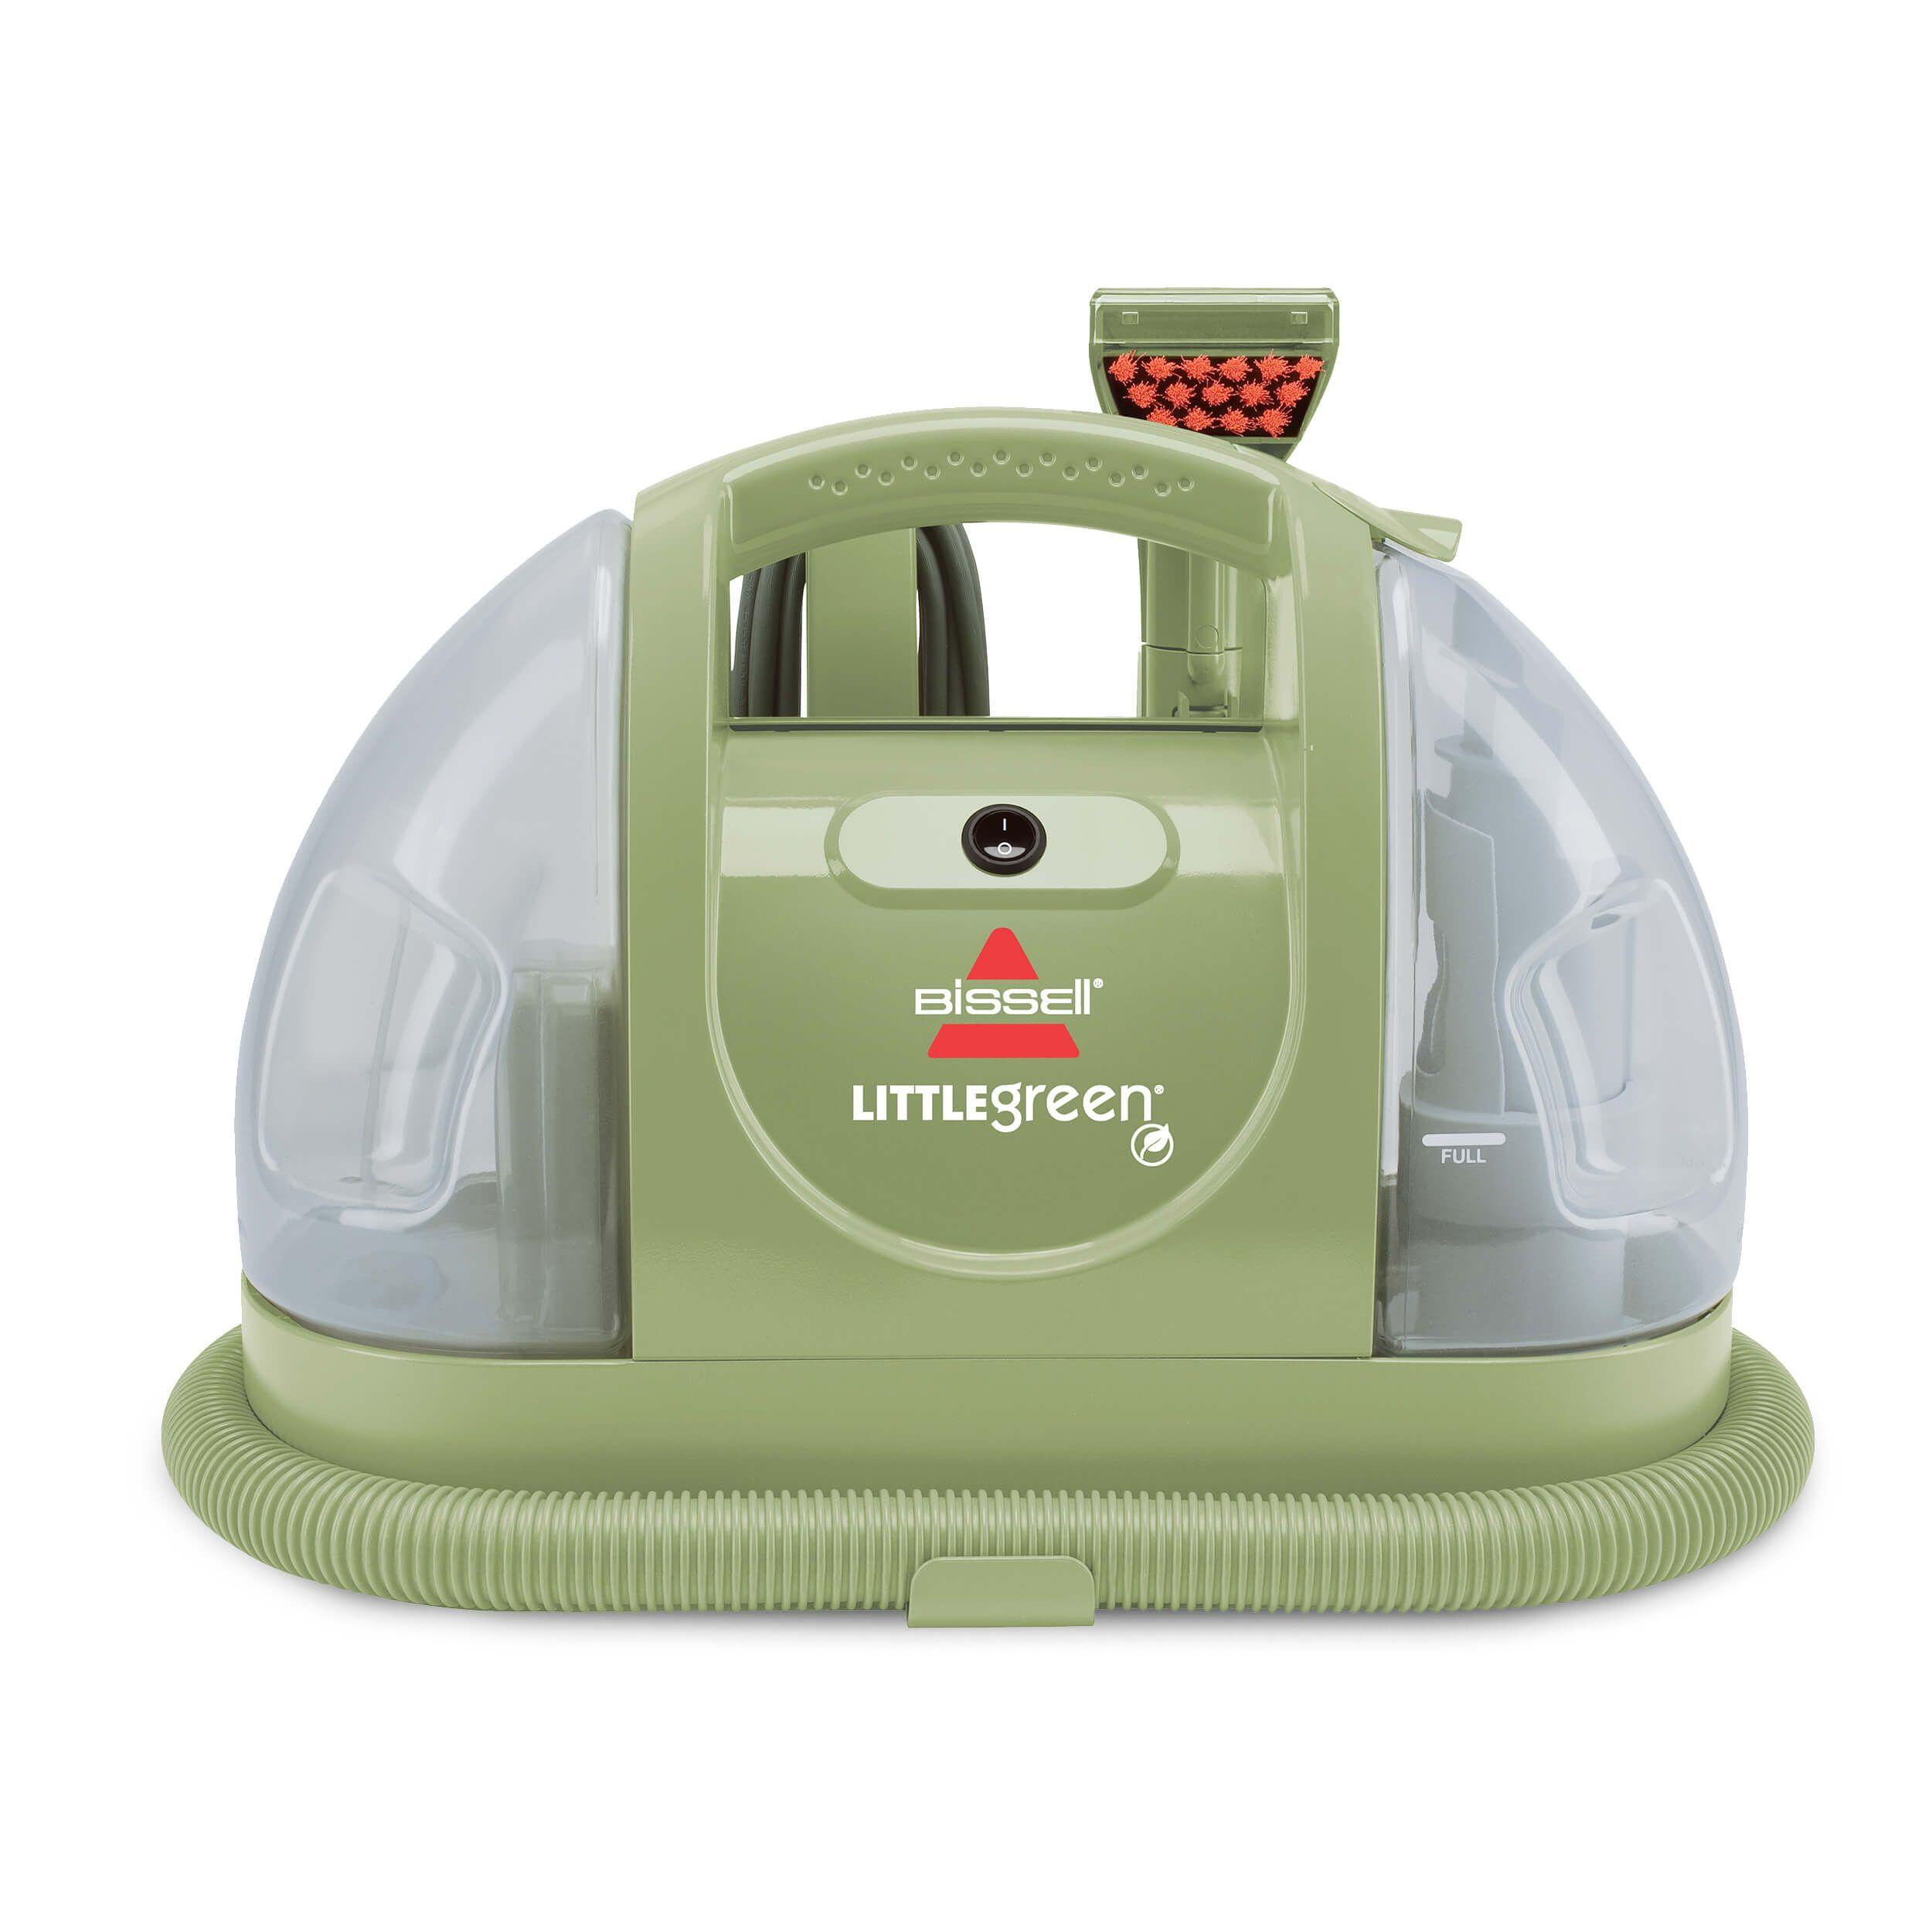 Little Green Portable Carpet Cleaner In 2020 Carpet Cleaners Upholstery Cleaner Cleaning Car Upholstery